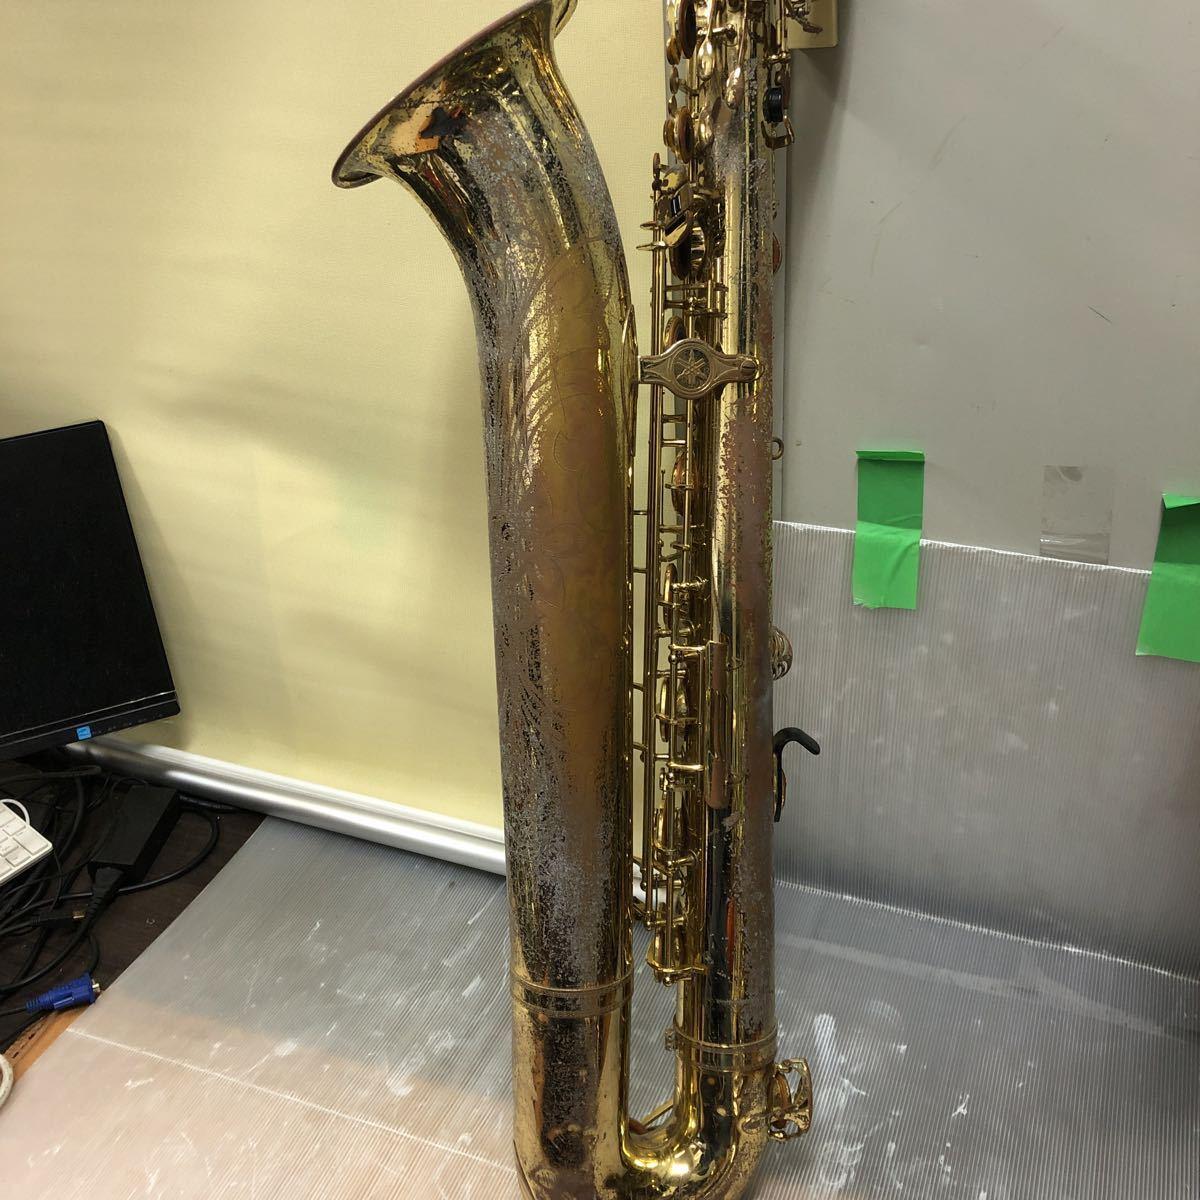 ★YAMAHA★ヤマハ バリトンサックス YBS-61 木管楽器 プロモデル 5388 ヴィンテージ 中古現状品 _画像5